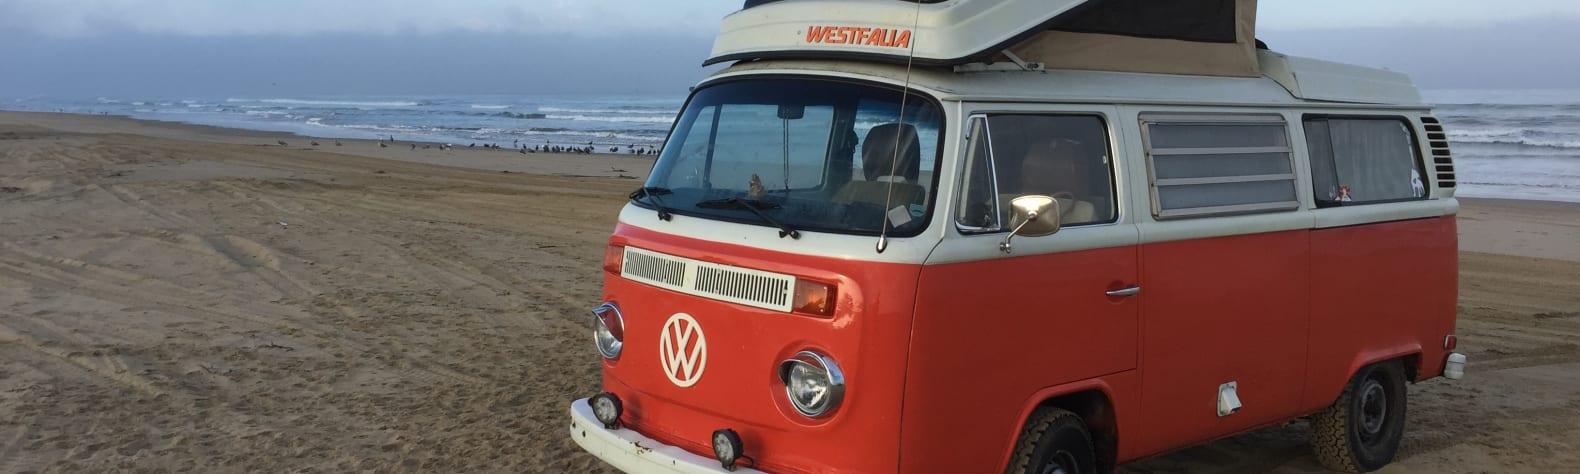 Pismo Beach State Beach